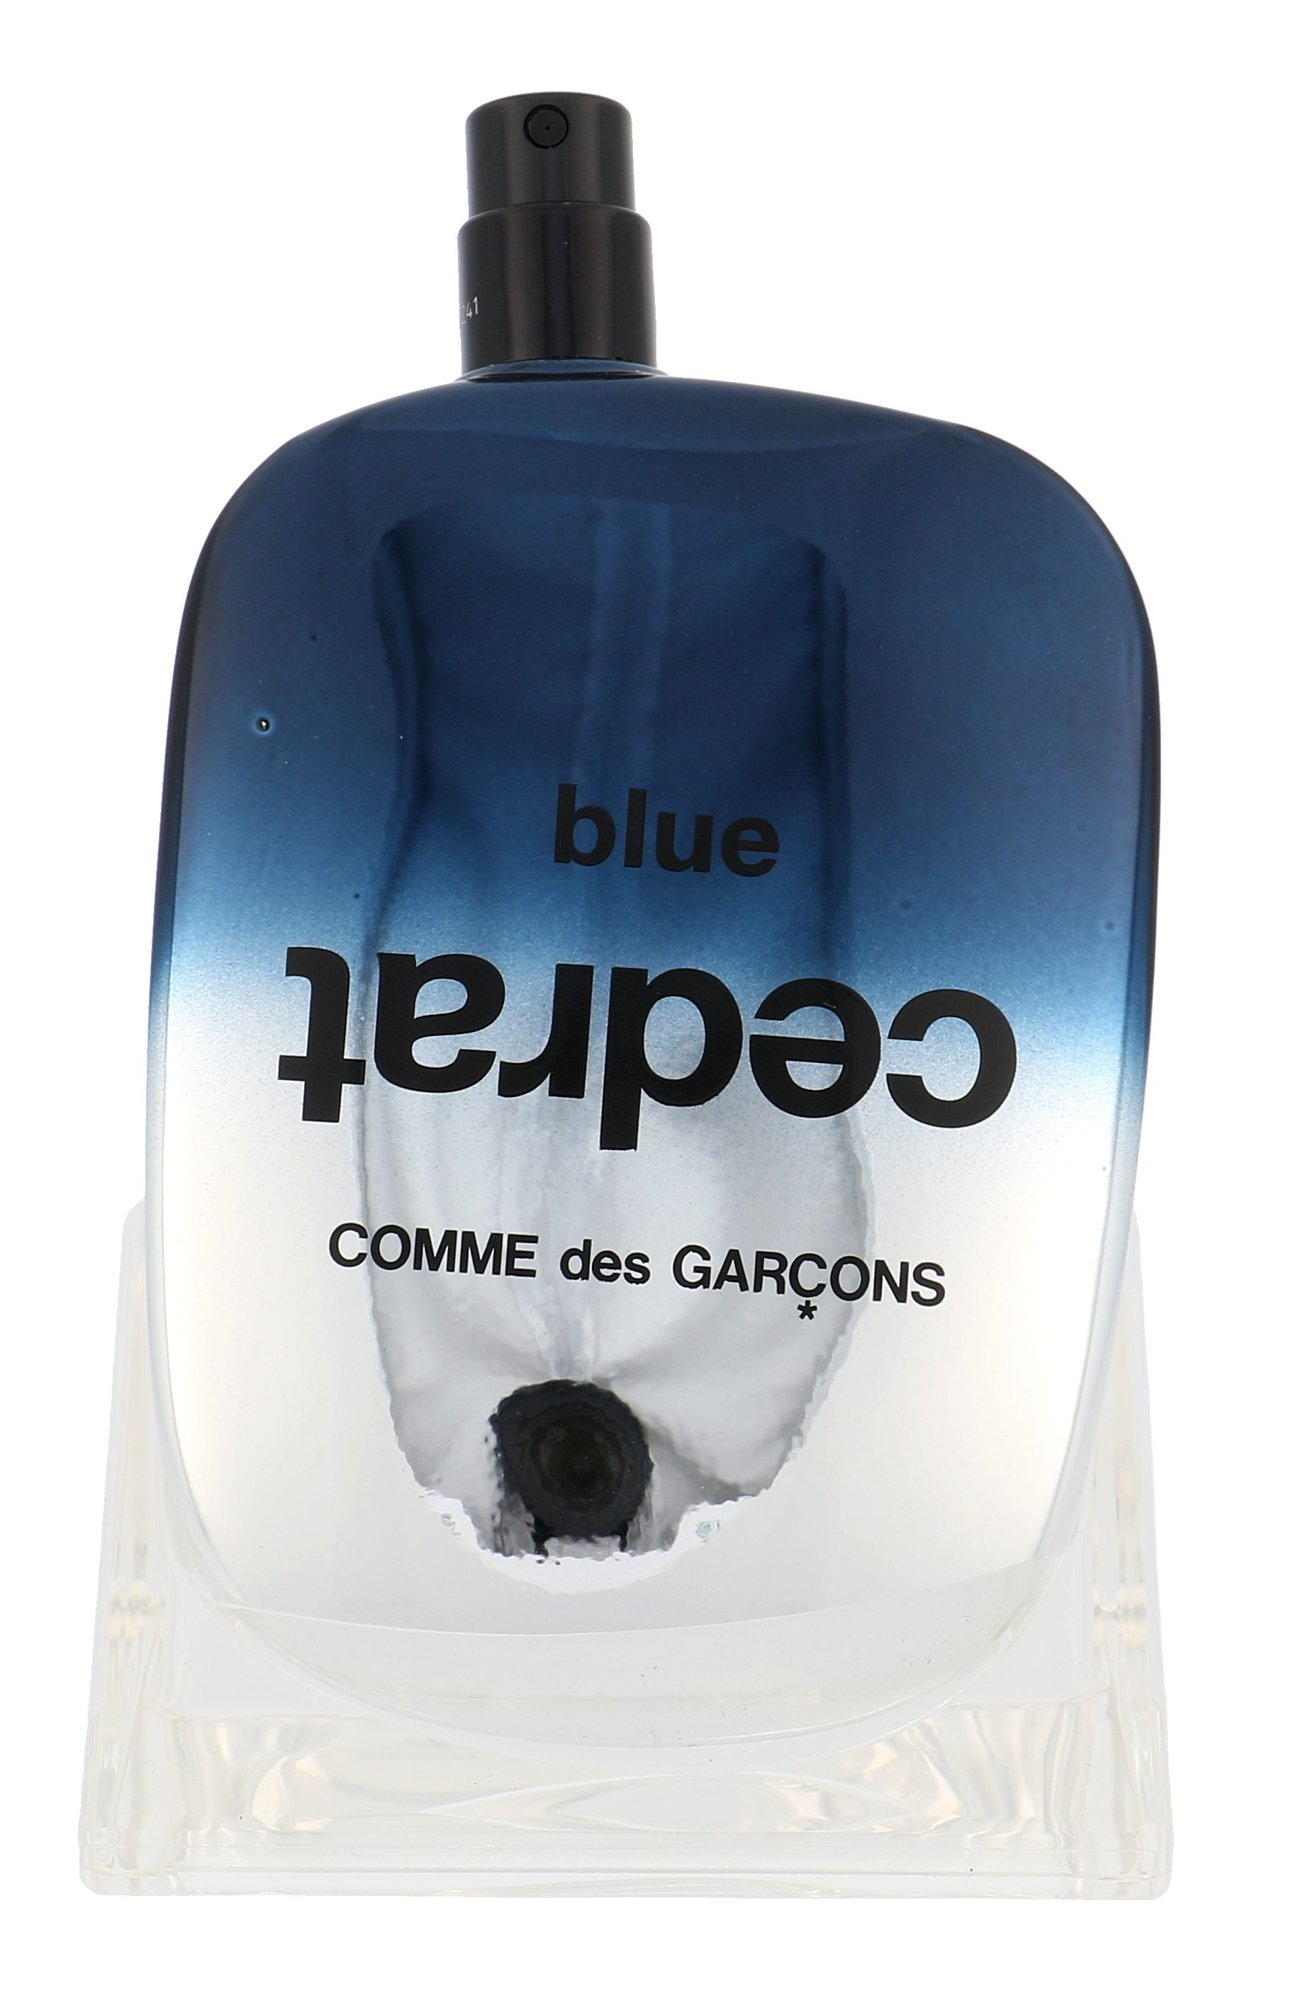 COMME des GARCONS Blue Cedrat EDP 100ml